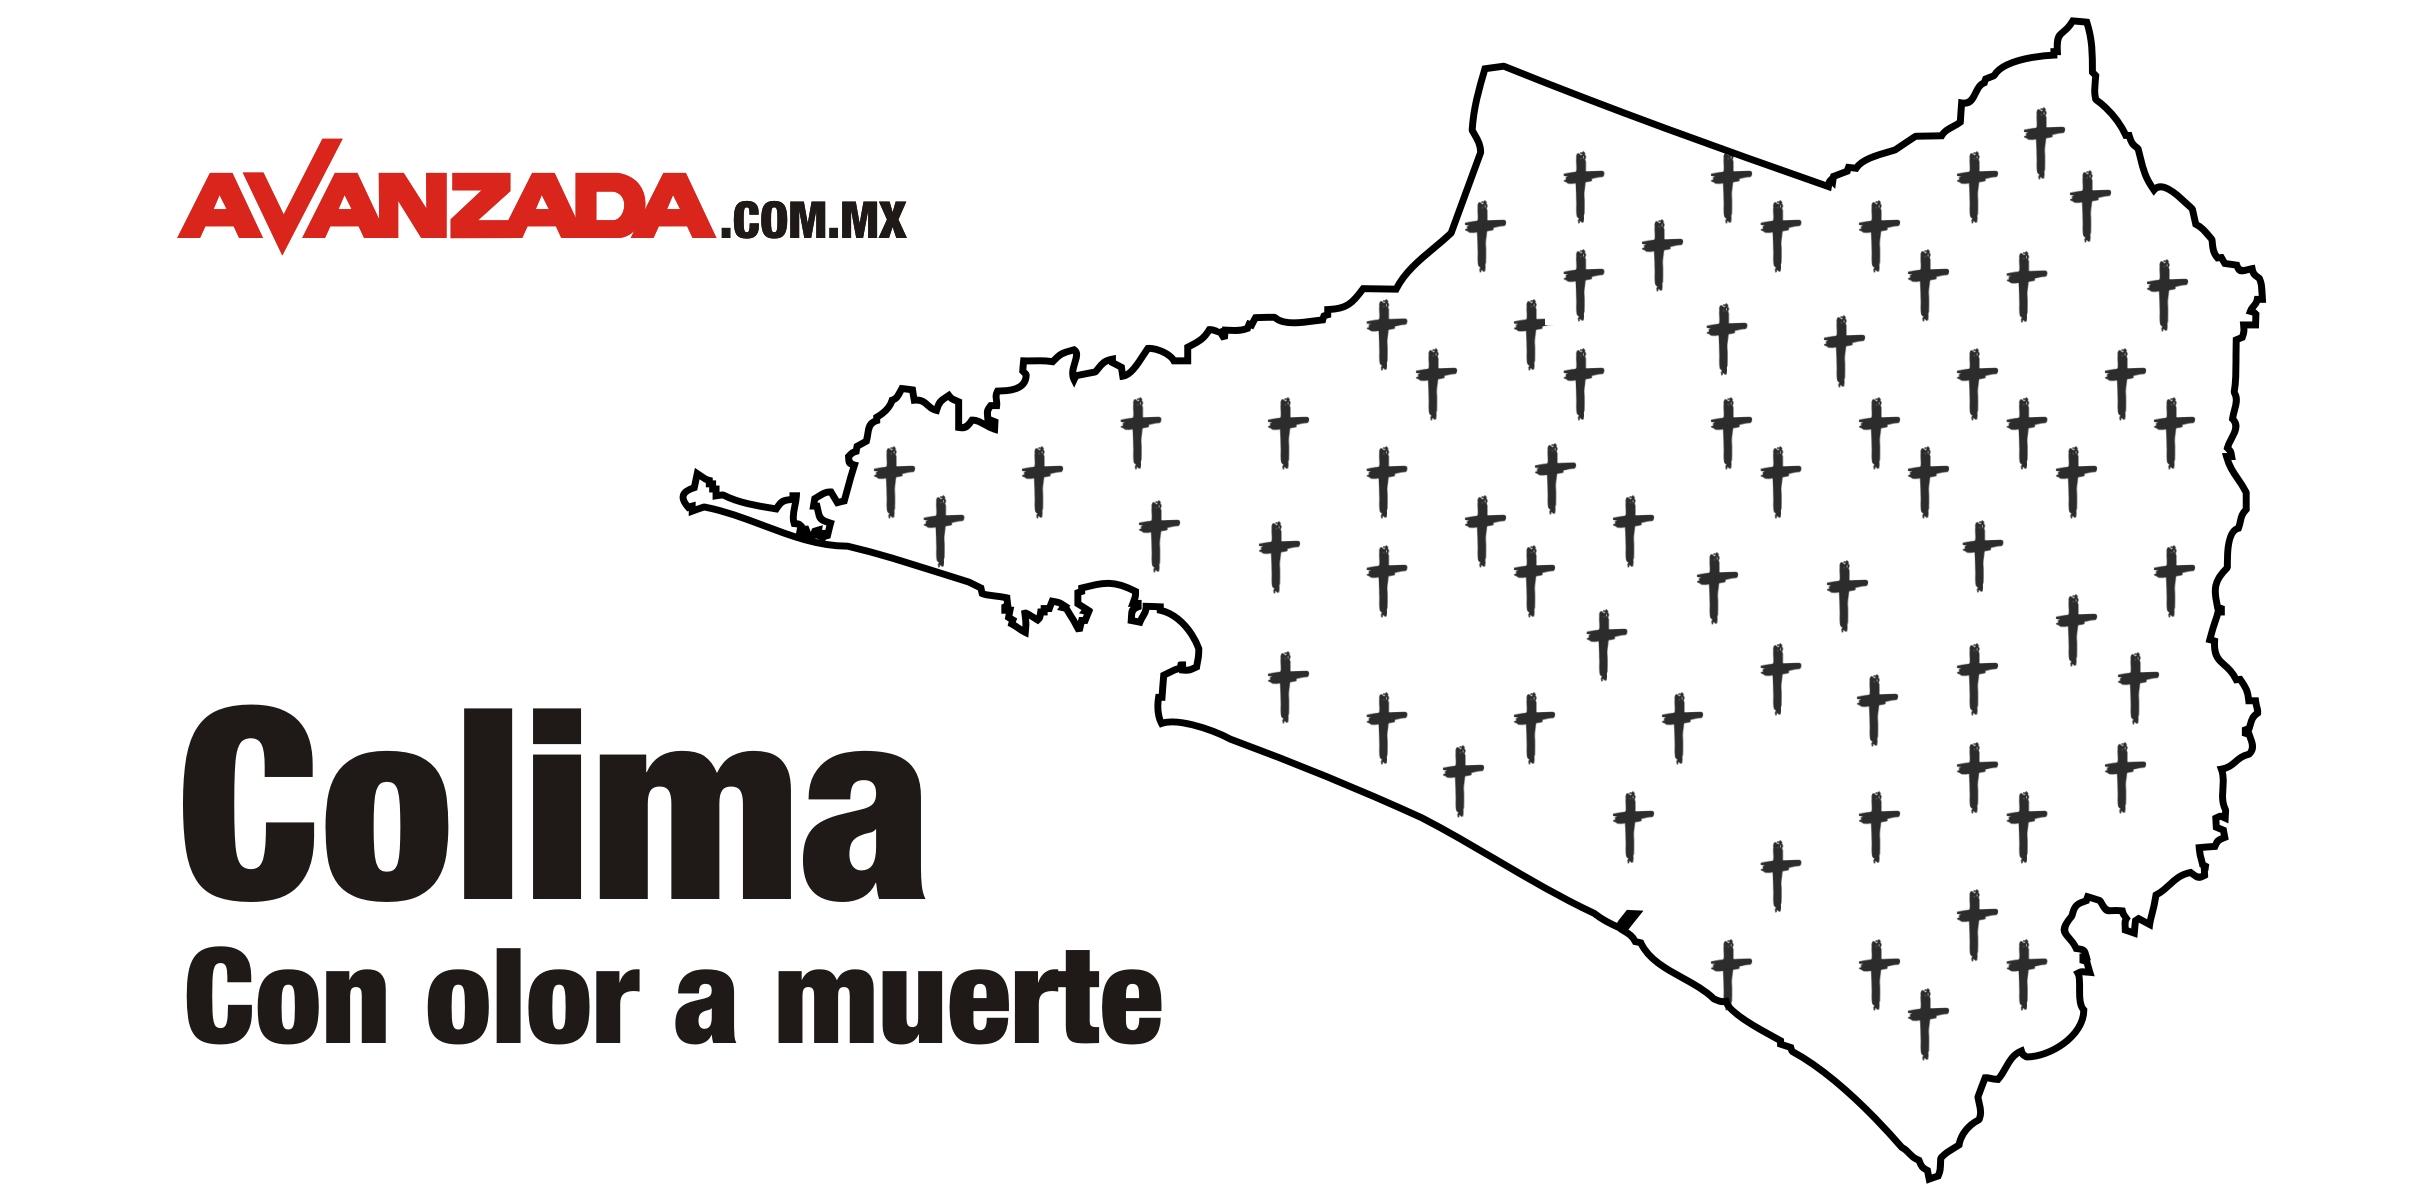 Asesinaron a 2061 personas en Colima en los últimos tres años